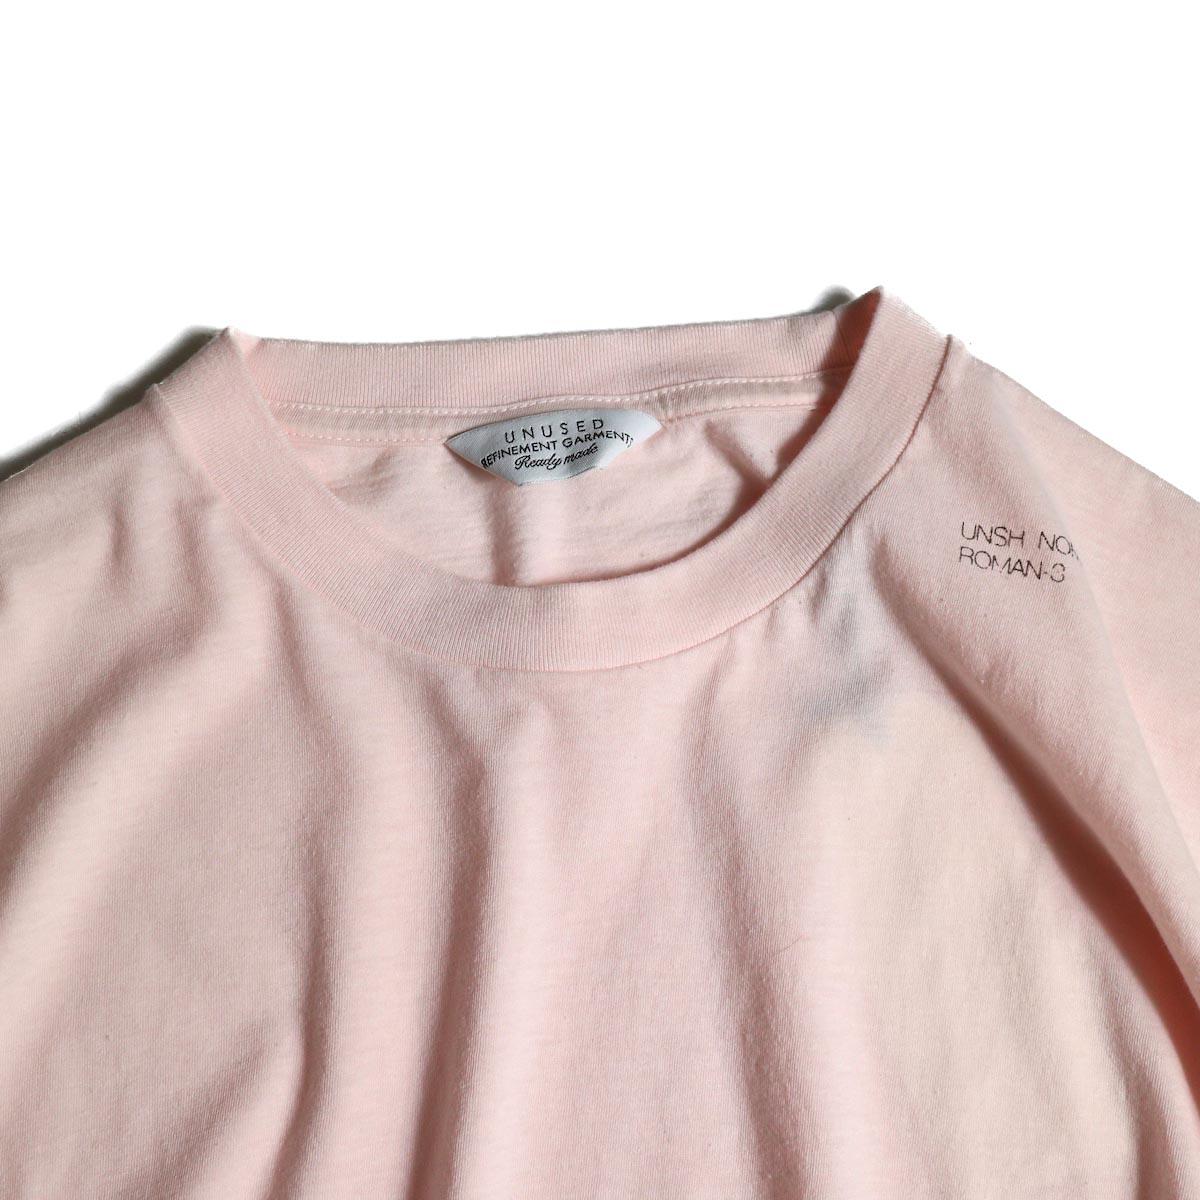 UNUSED / US1575 Crew Neck S/S Tee (Pink)クルーネック